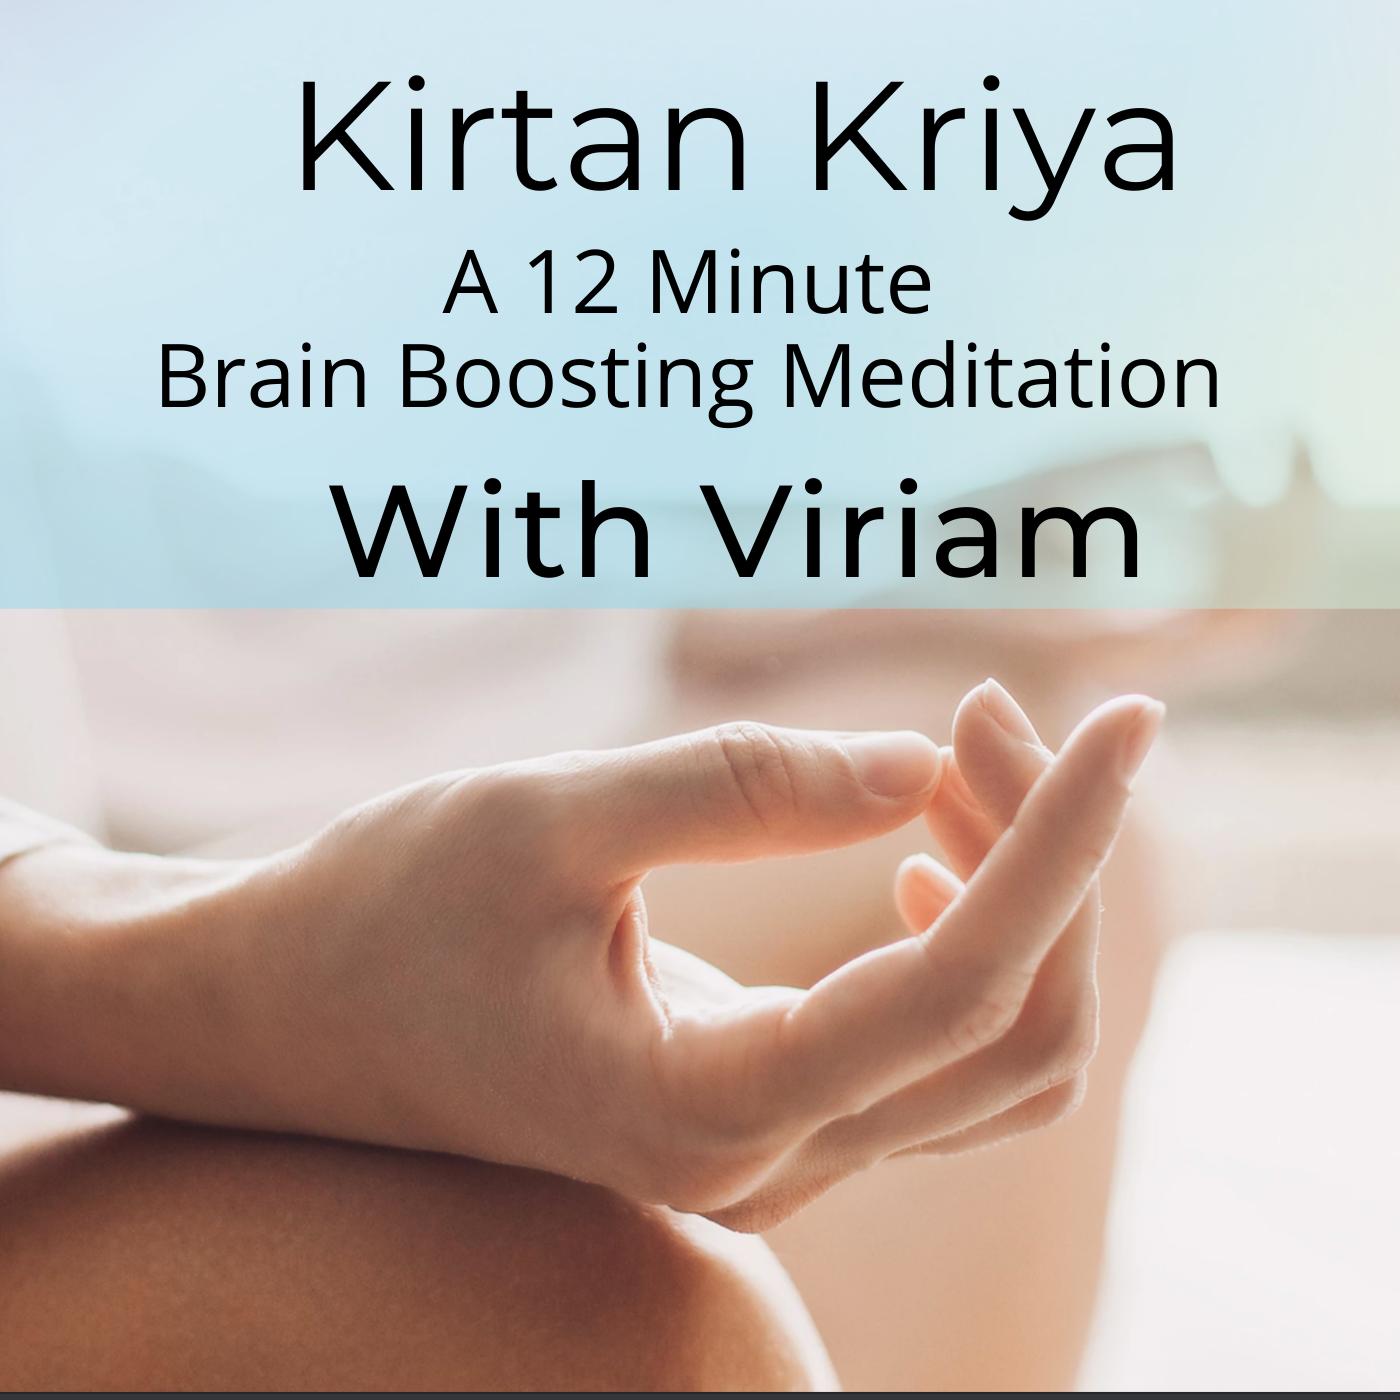 Introduction to Kirtan Kriya